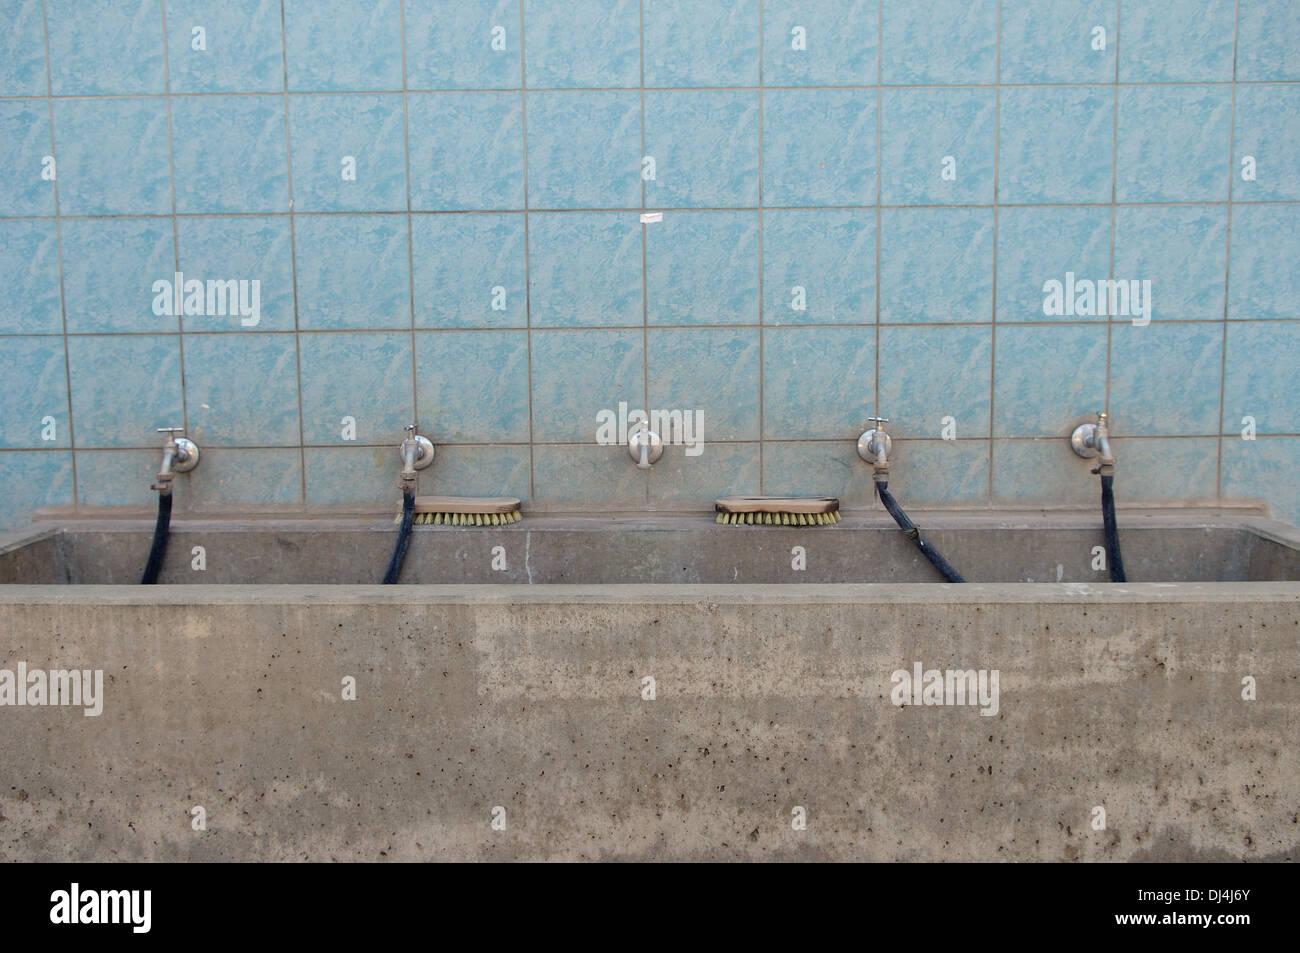 betontrog imágenes de stock & betontrog fotos de stock - alamy